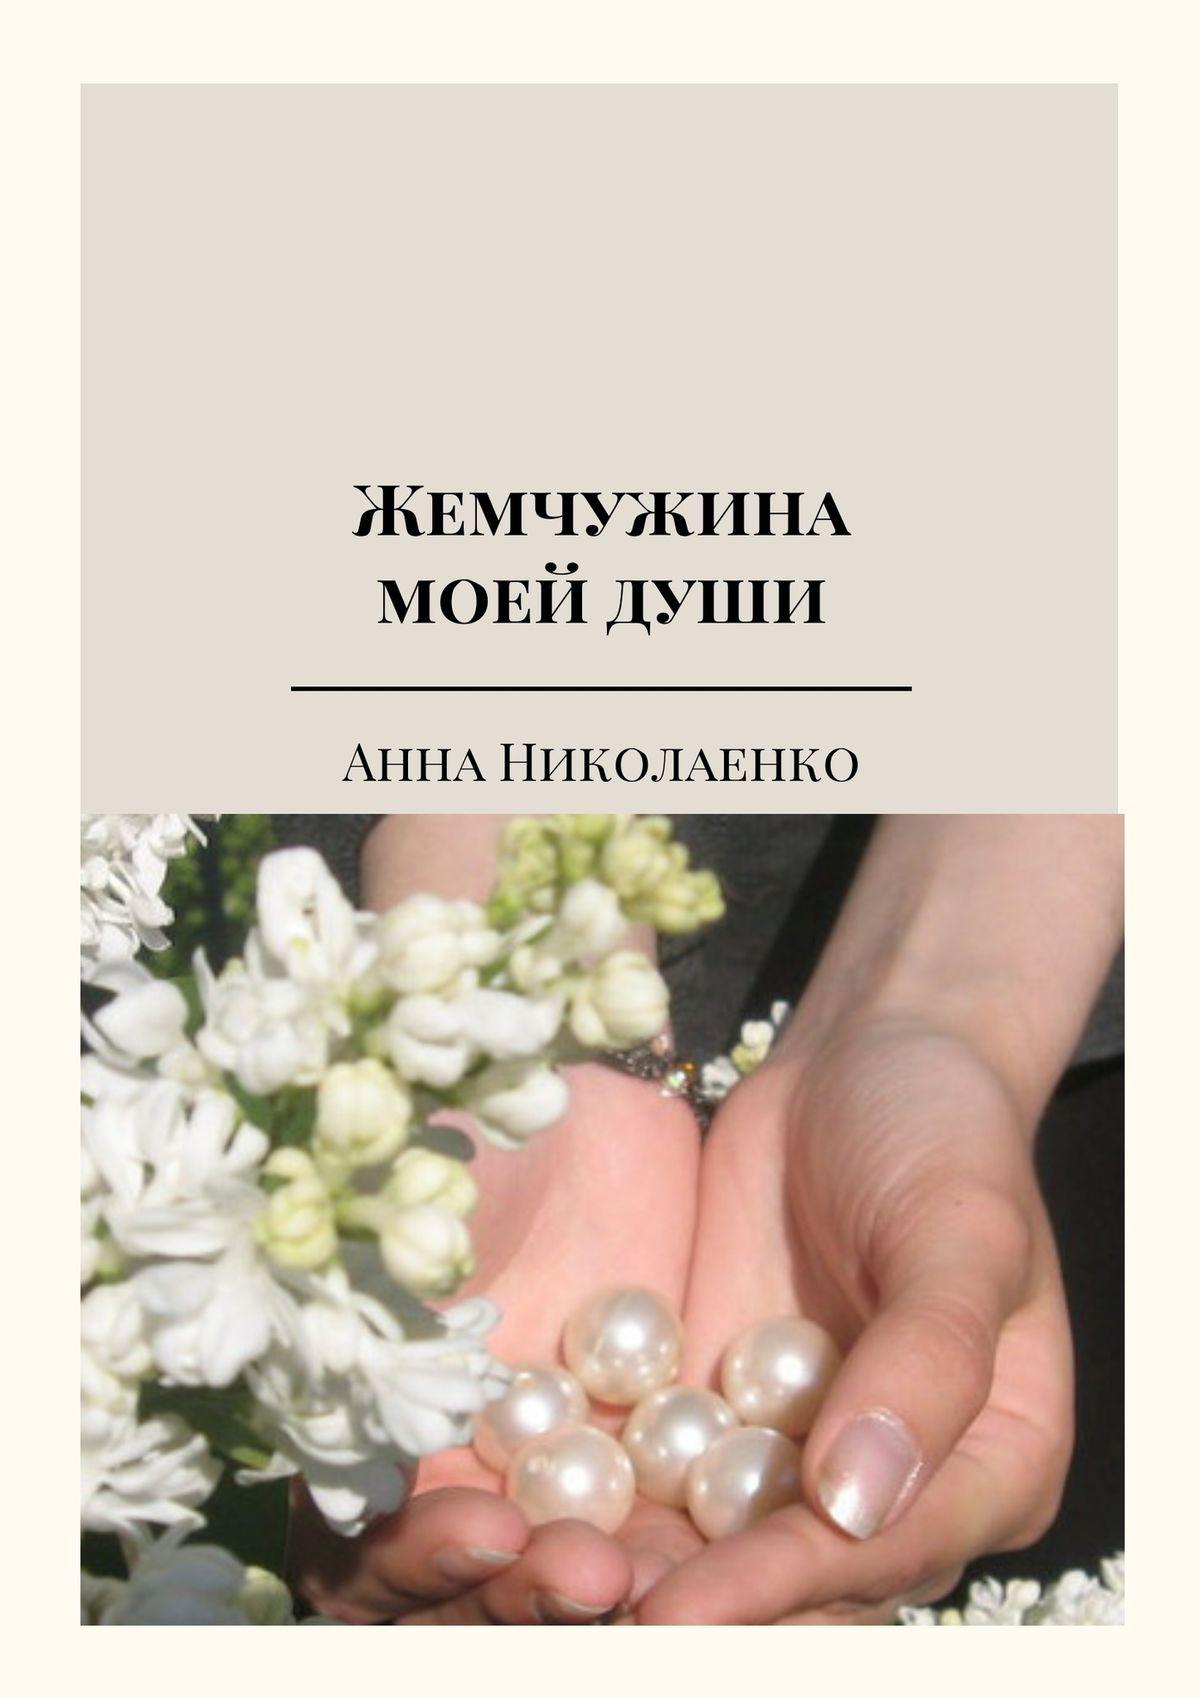 Анна Николаенко Жемчужина моей души. Сборник стихов линда мовсуровна ахмадова ты– часть моейдуши